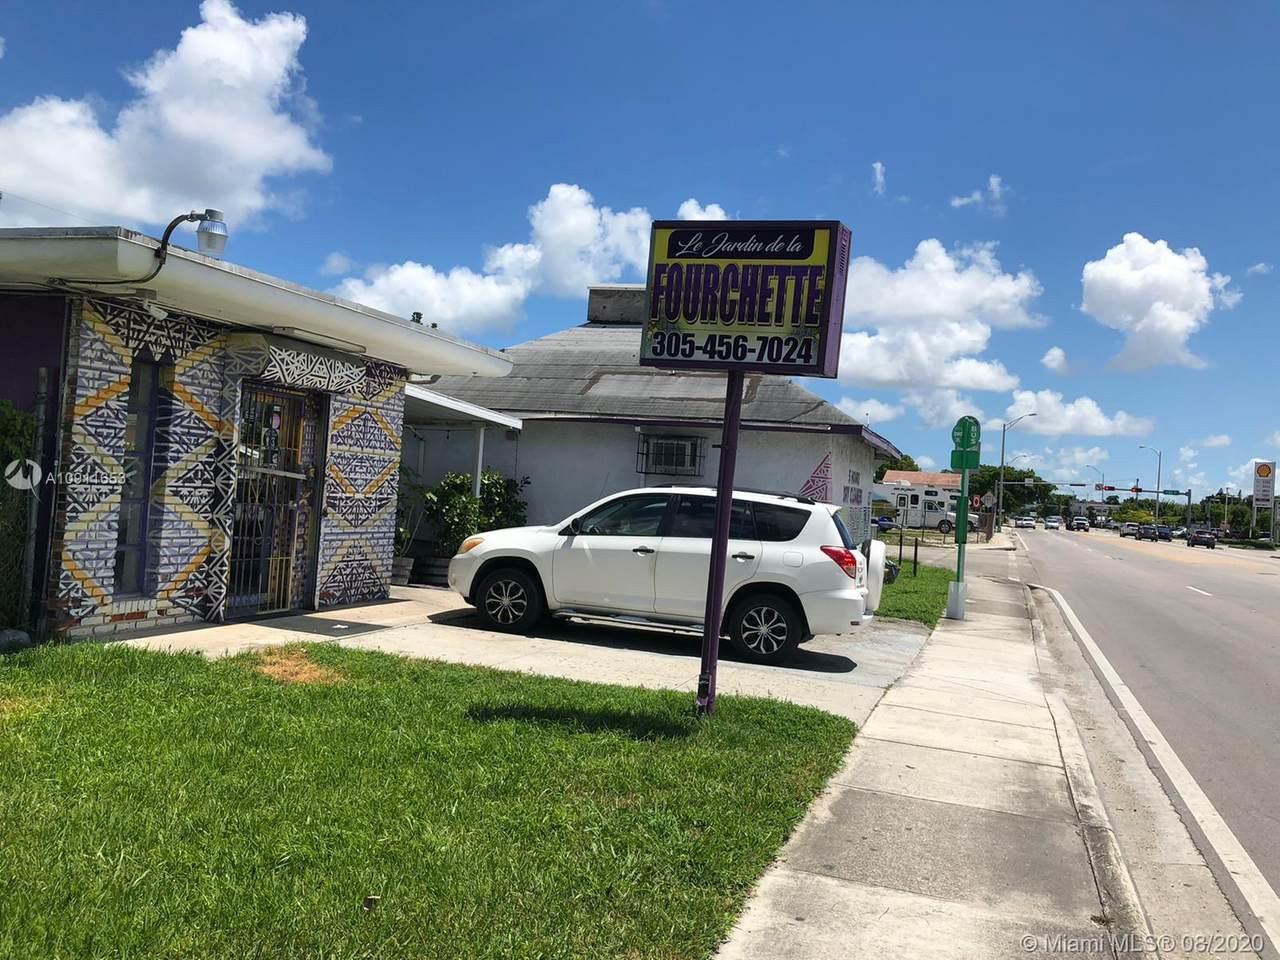 8267 Miami Ave - Photo 1